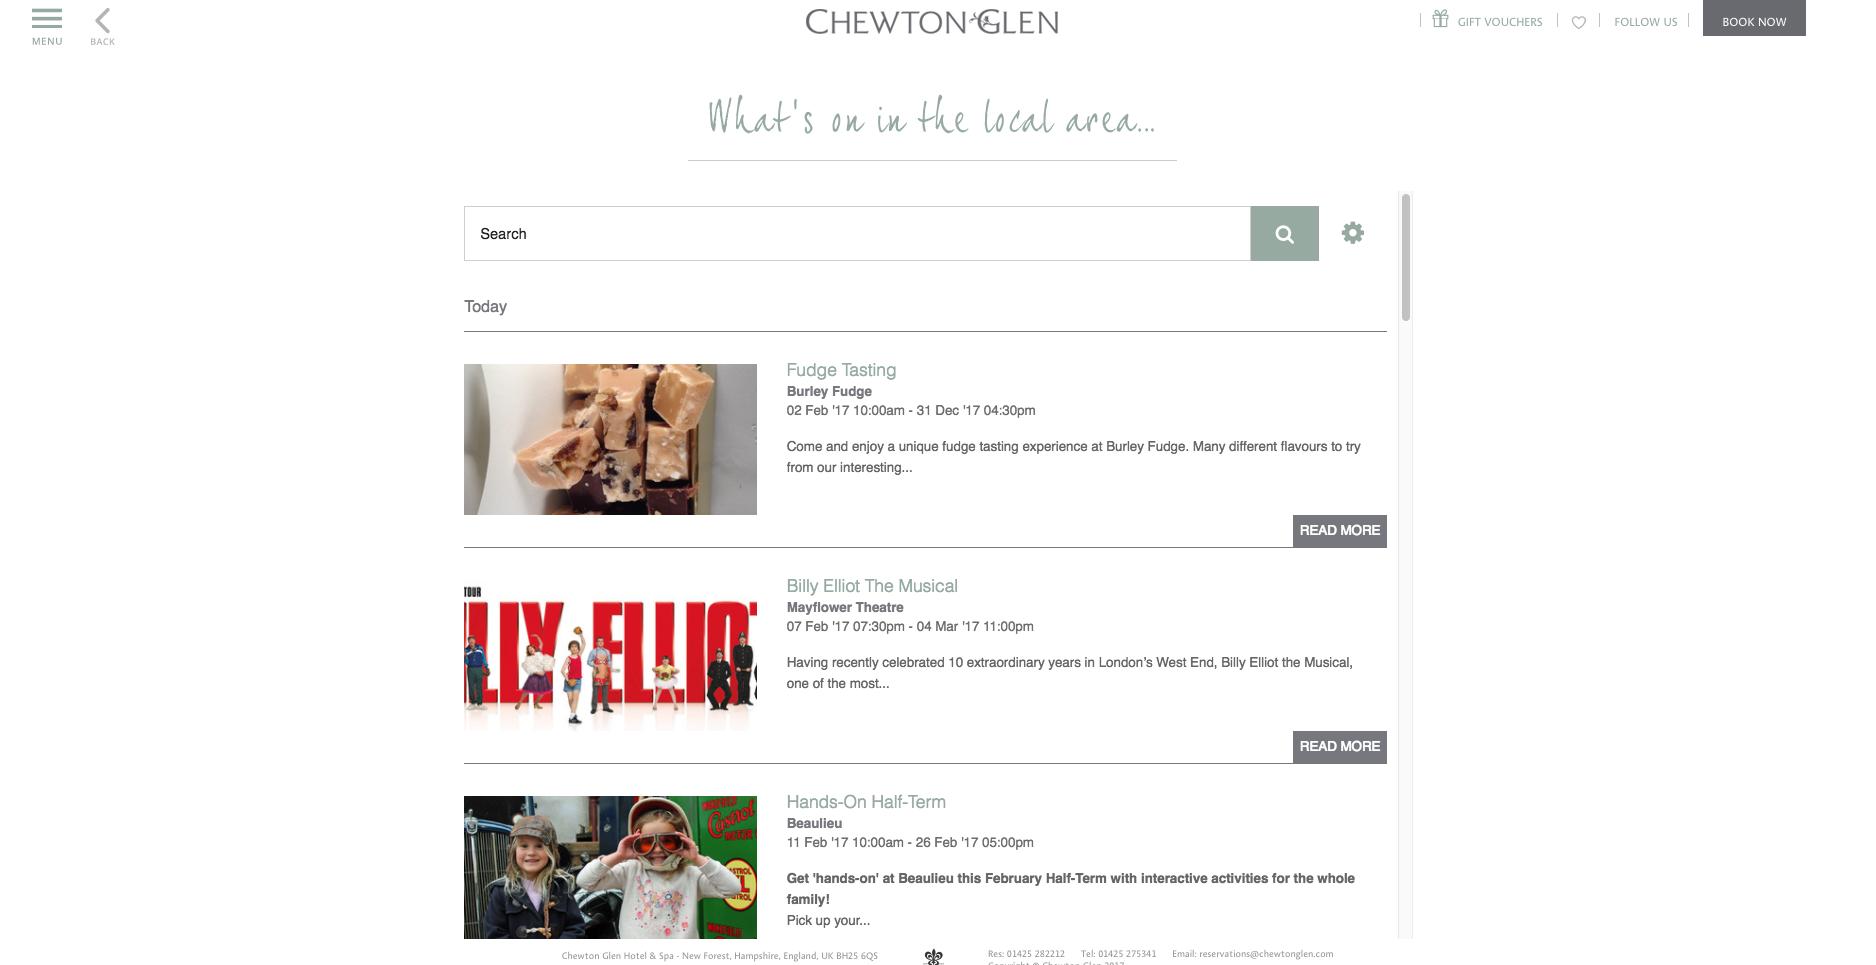 Chewton Glen Events Widget.png